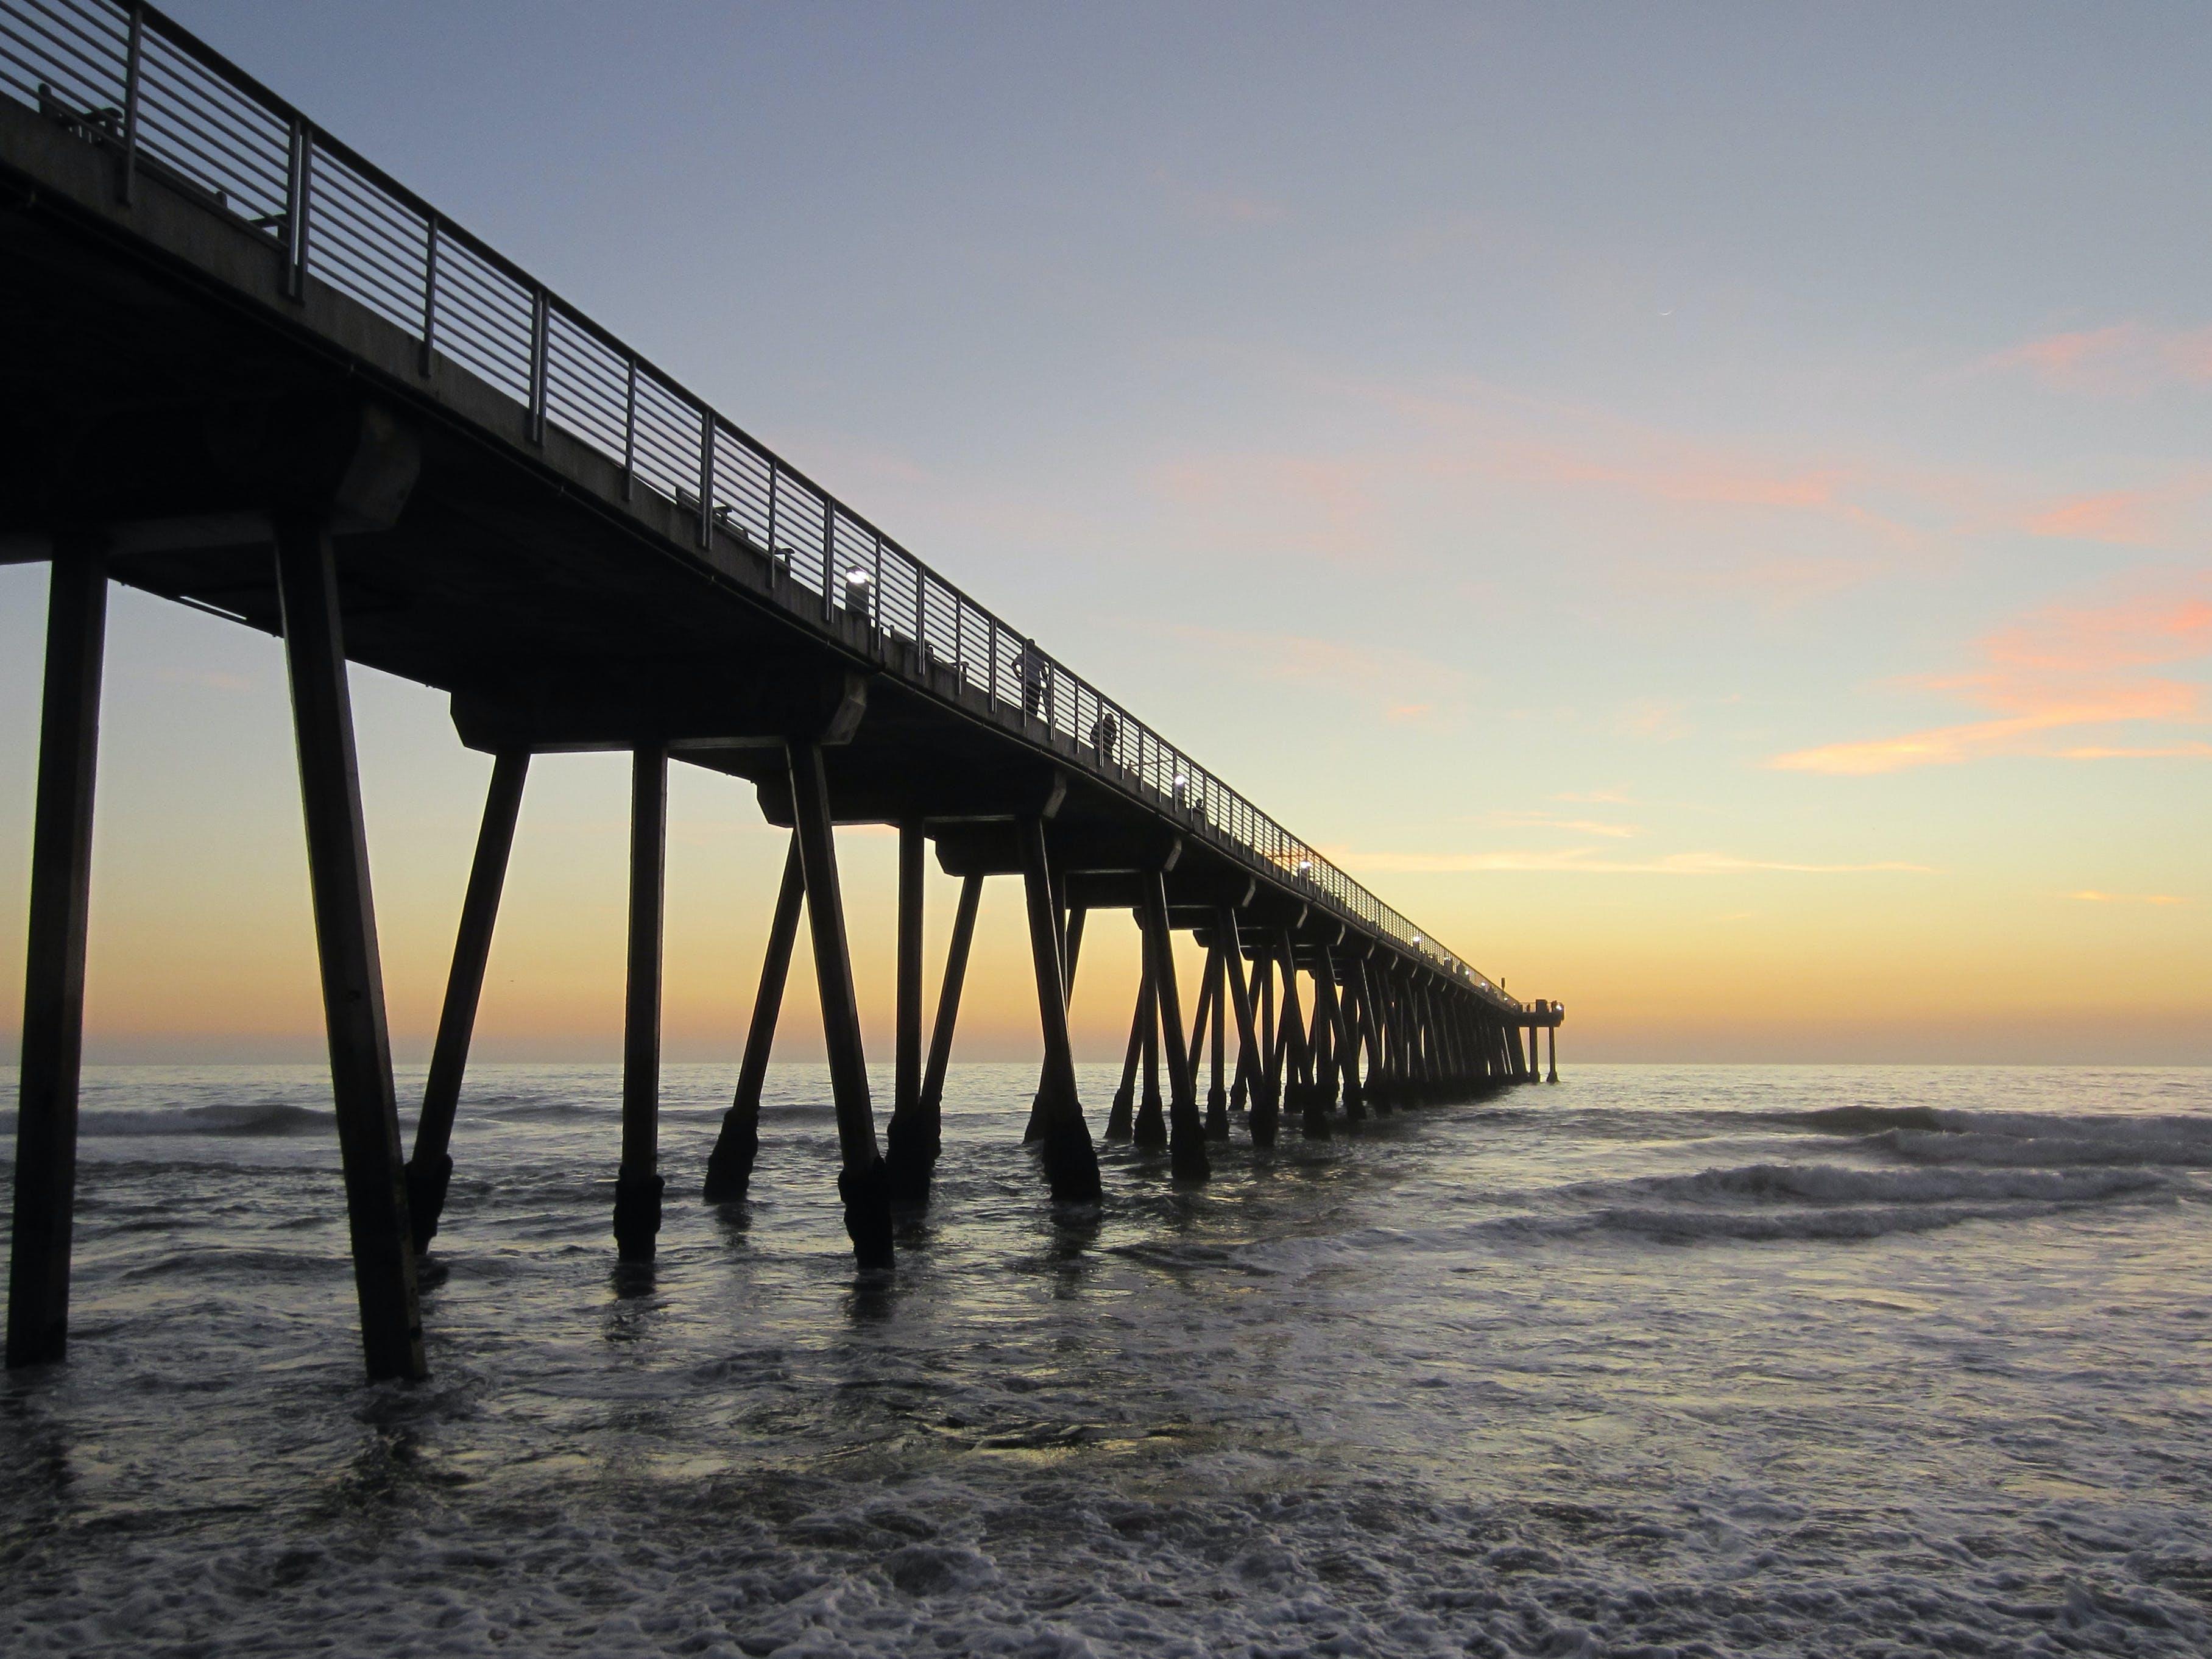 Základová fotografie zdarma na téma moře, oceán, přístavní můstek